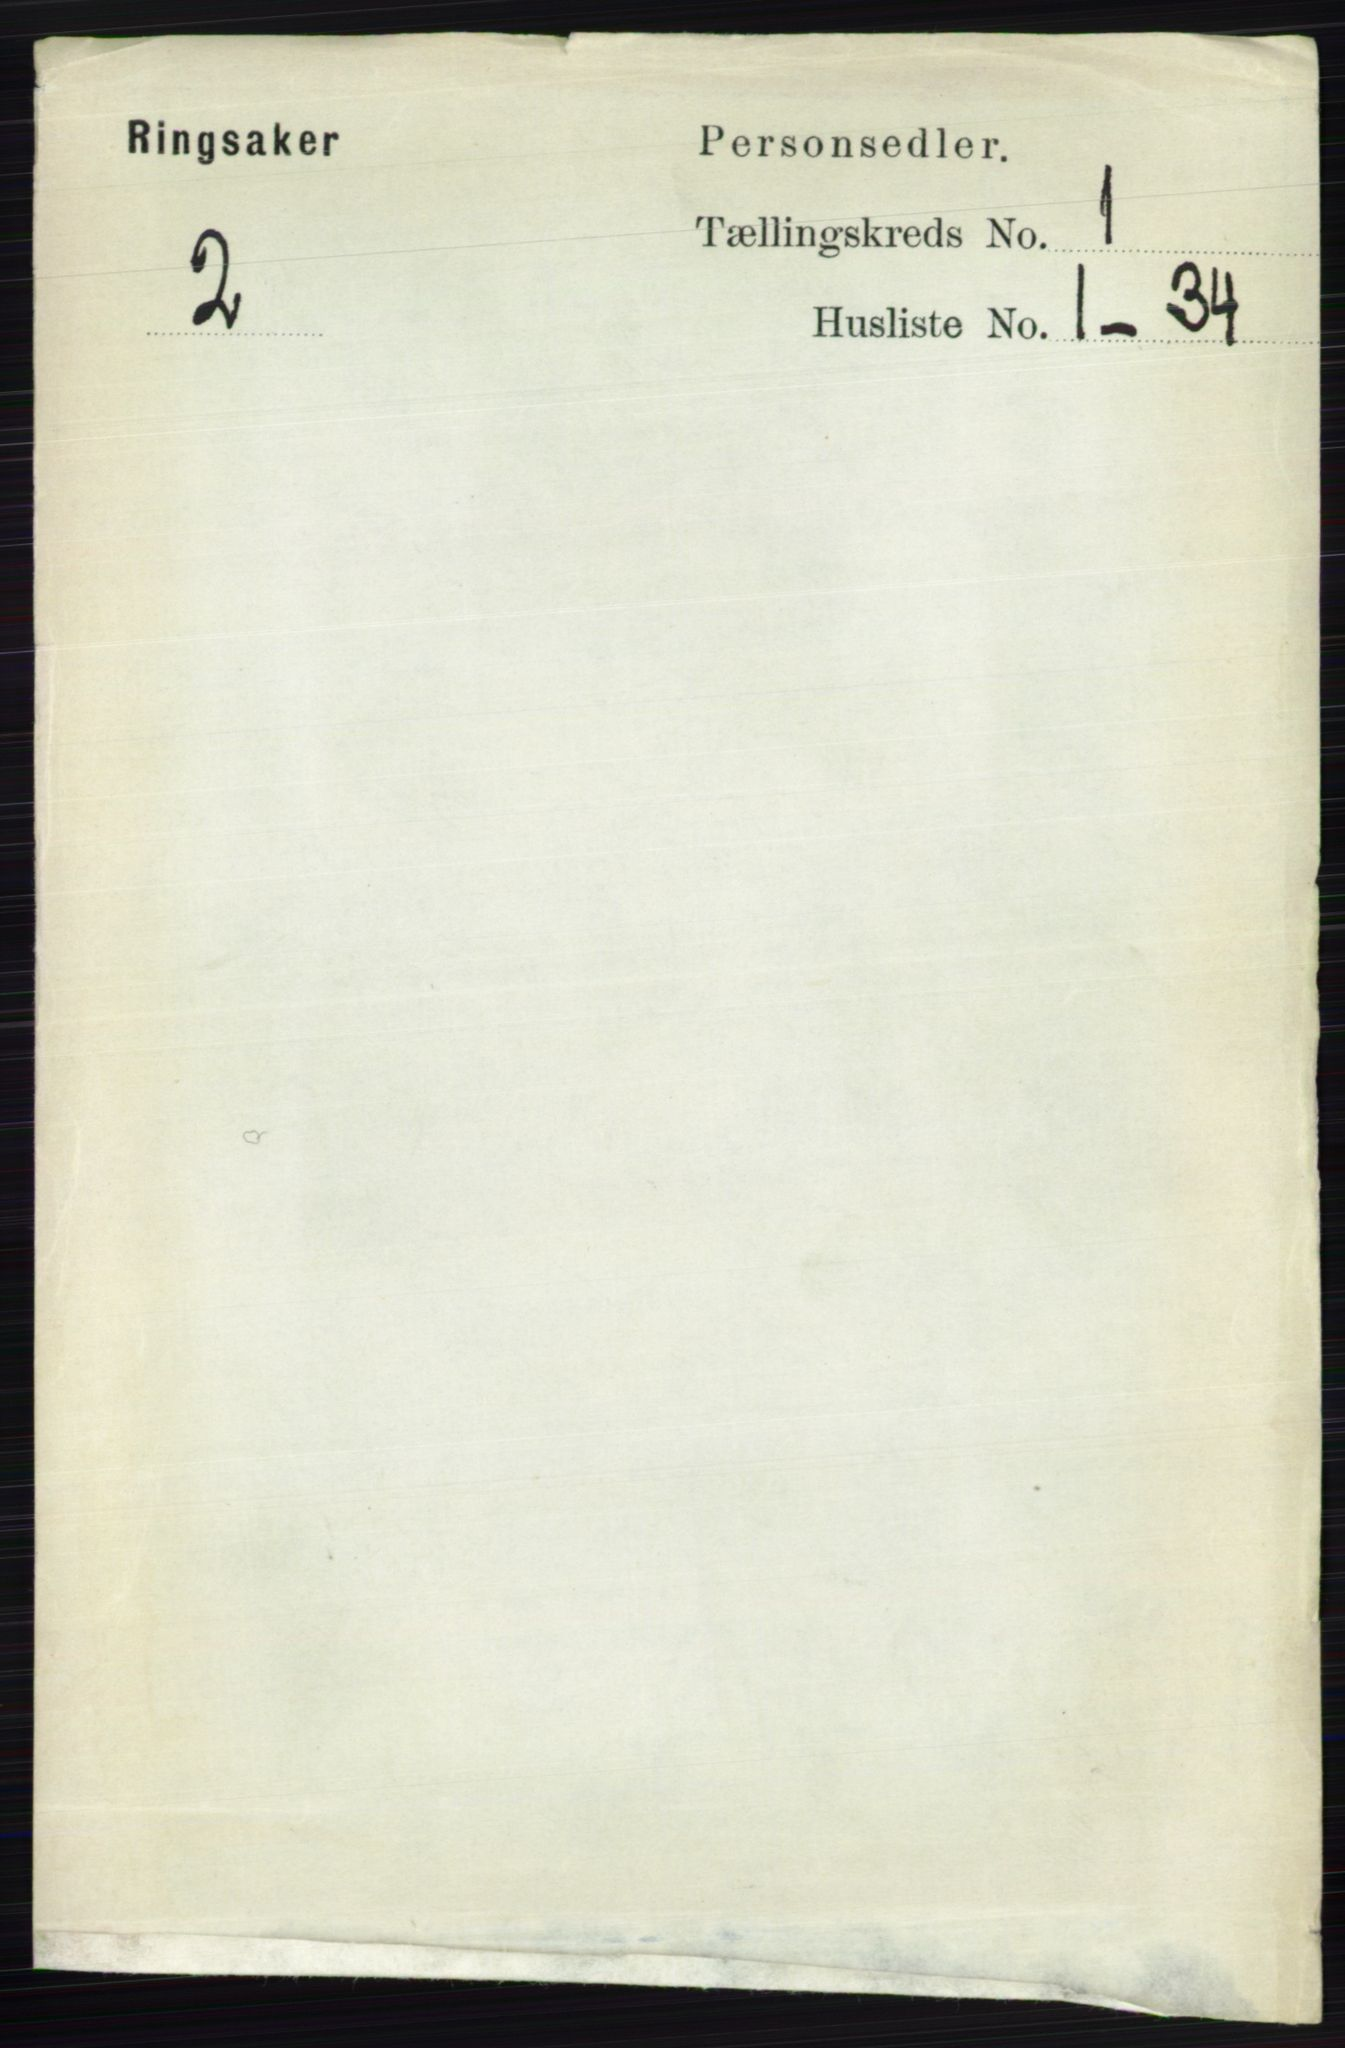 RA, Folketelling 1891 for 0412 Ringsaker herred, 1891, s. 172